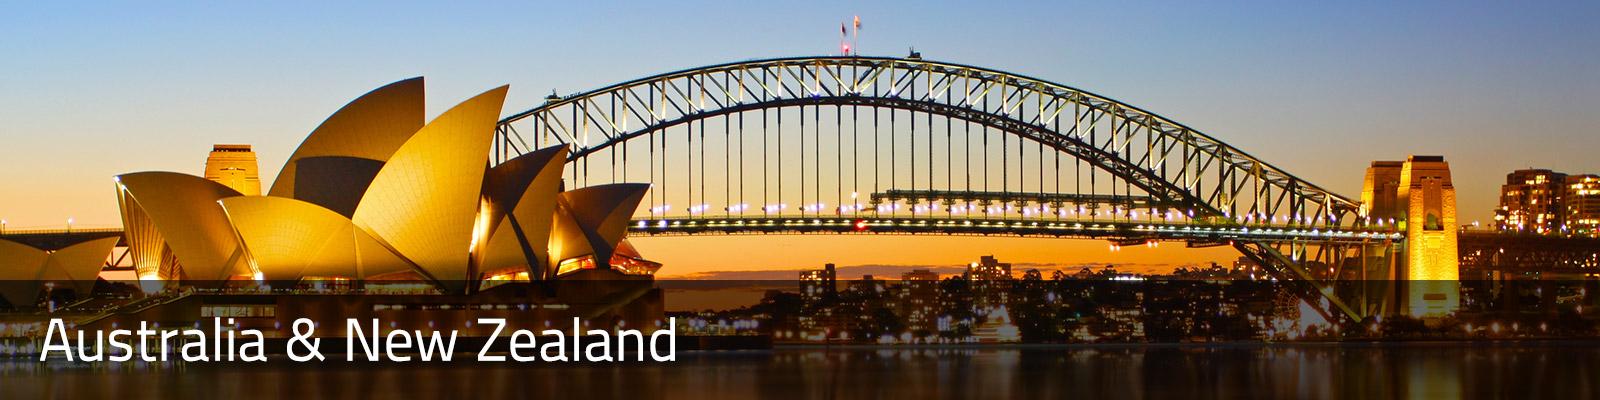 casino recruitment australia new zealand